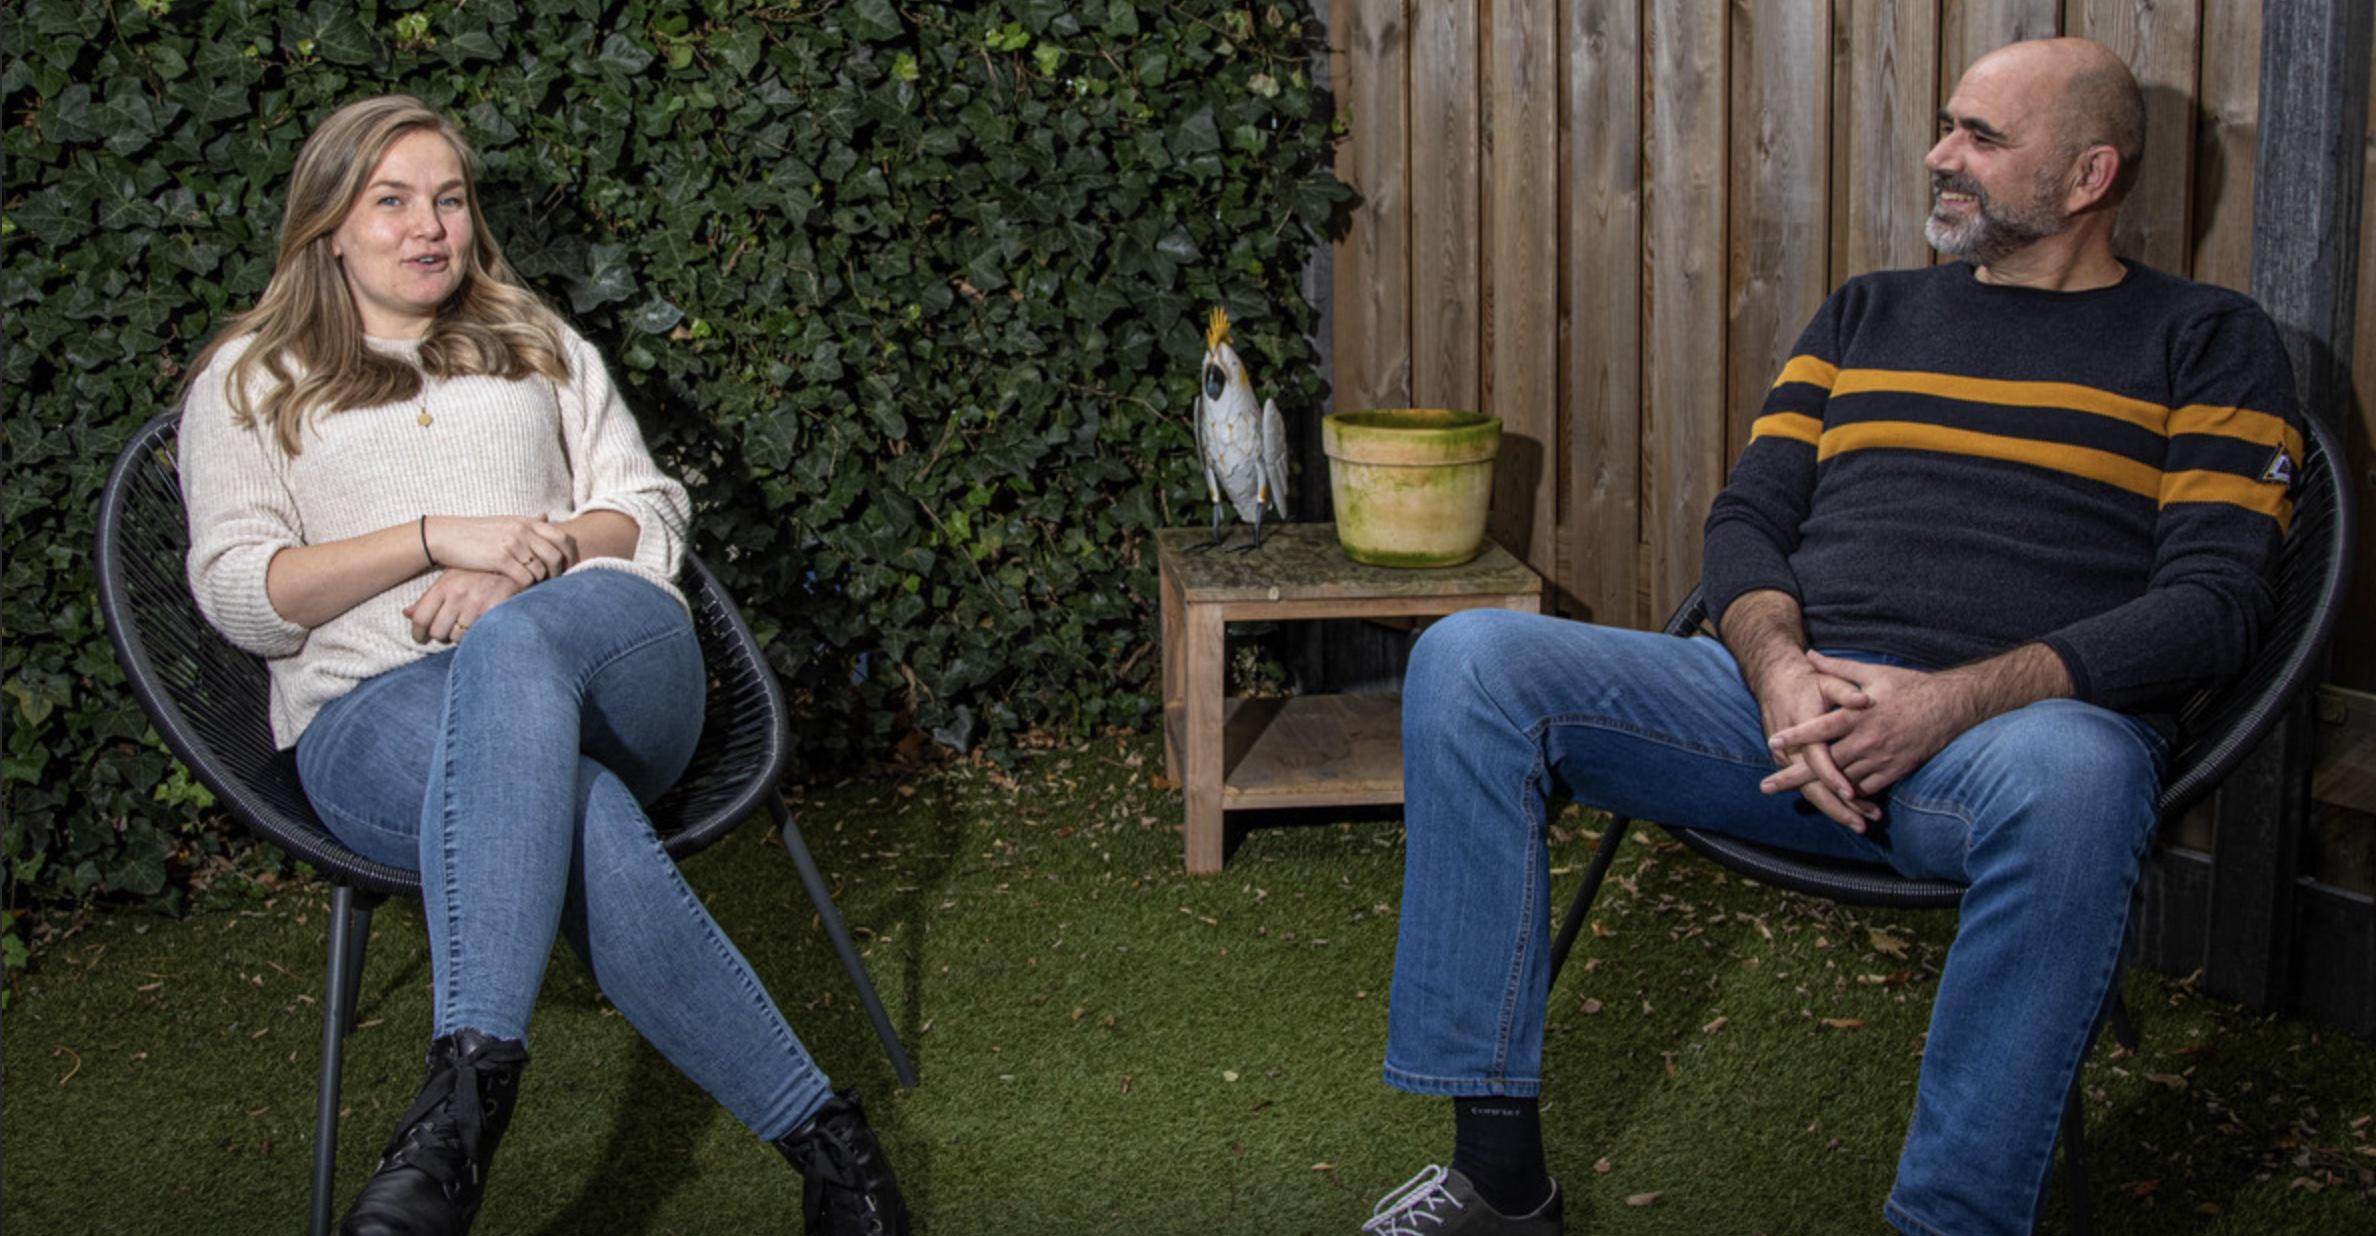 Lotte en Peter zitten buiten in de tuin. Ze zijn in gesprek net elkaar en hebben zichtbaar plezier.